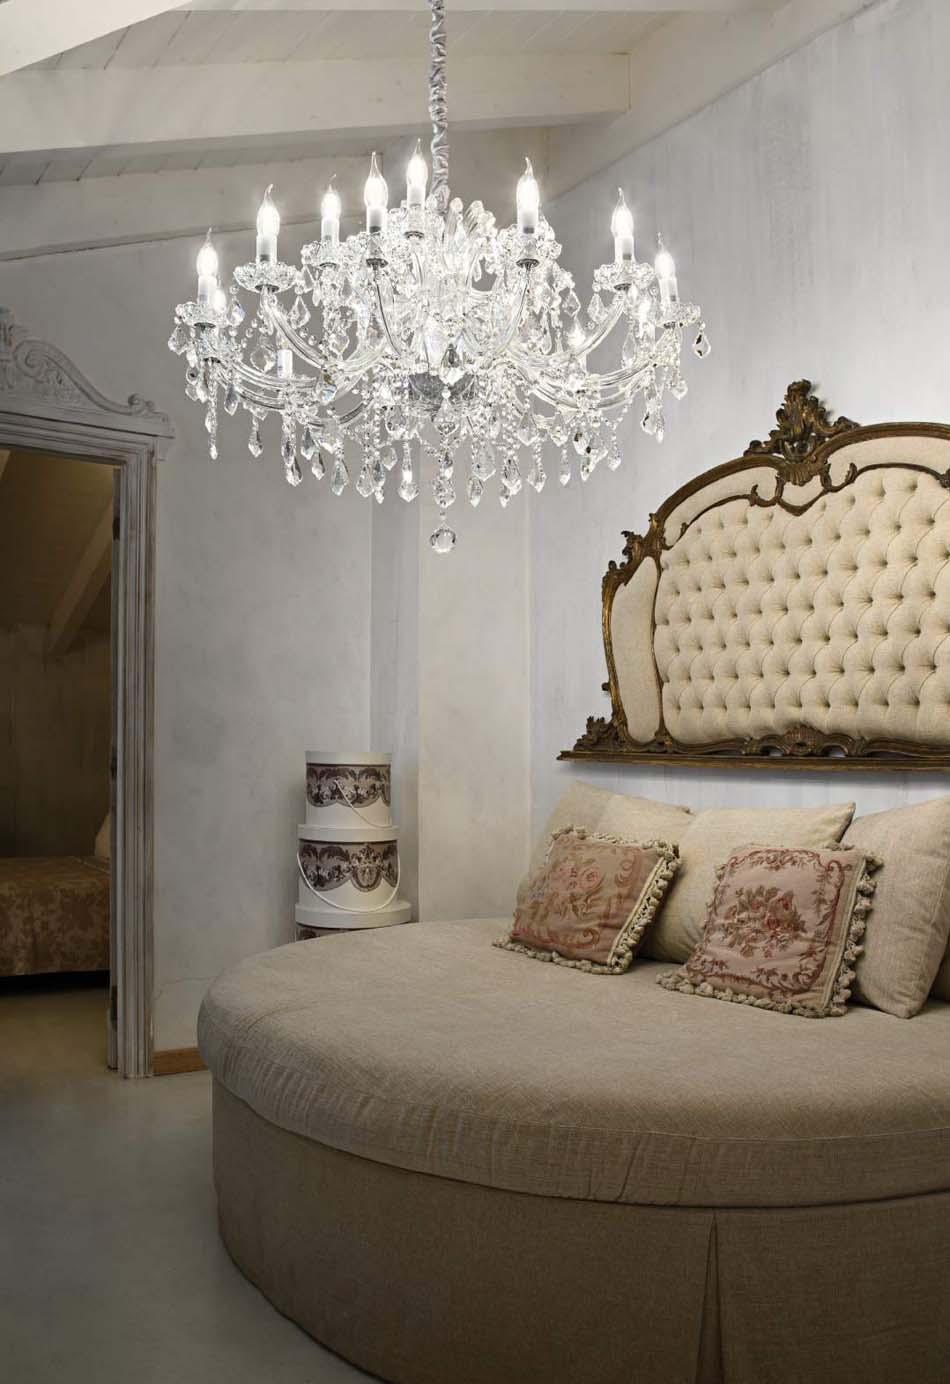 Lampade 31 sospensione Classico Ideal Lux napoleon – Bruni Arredamenti